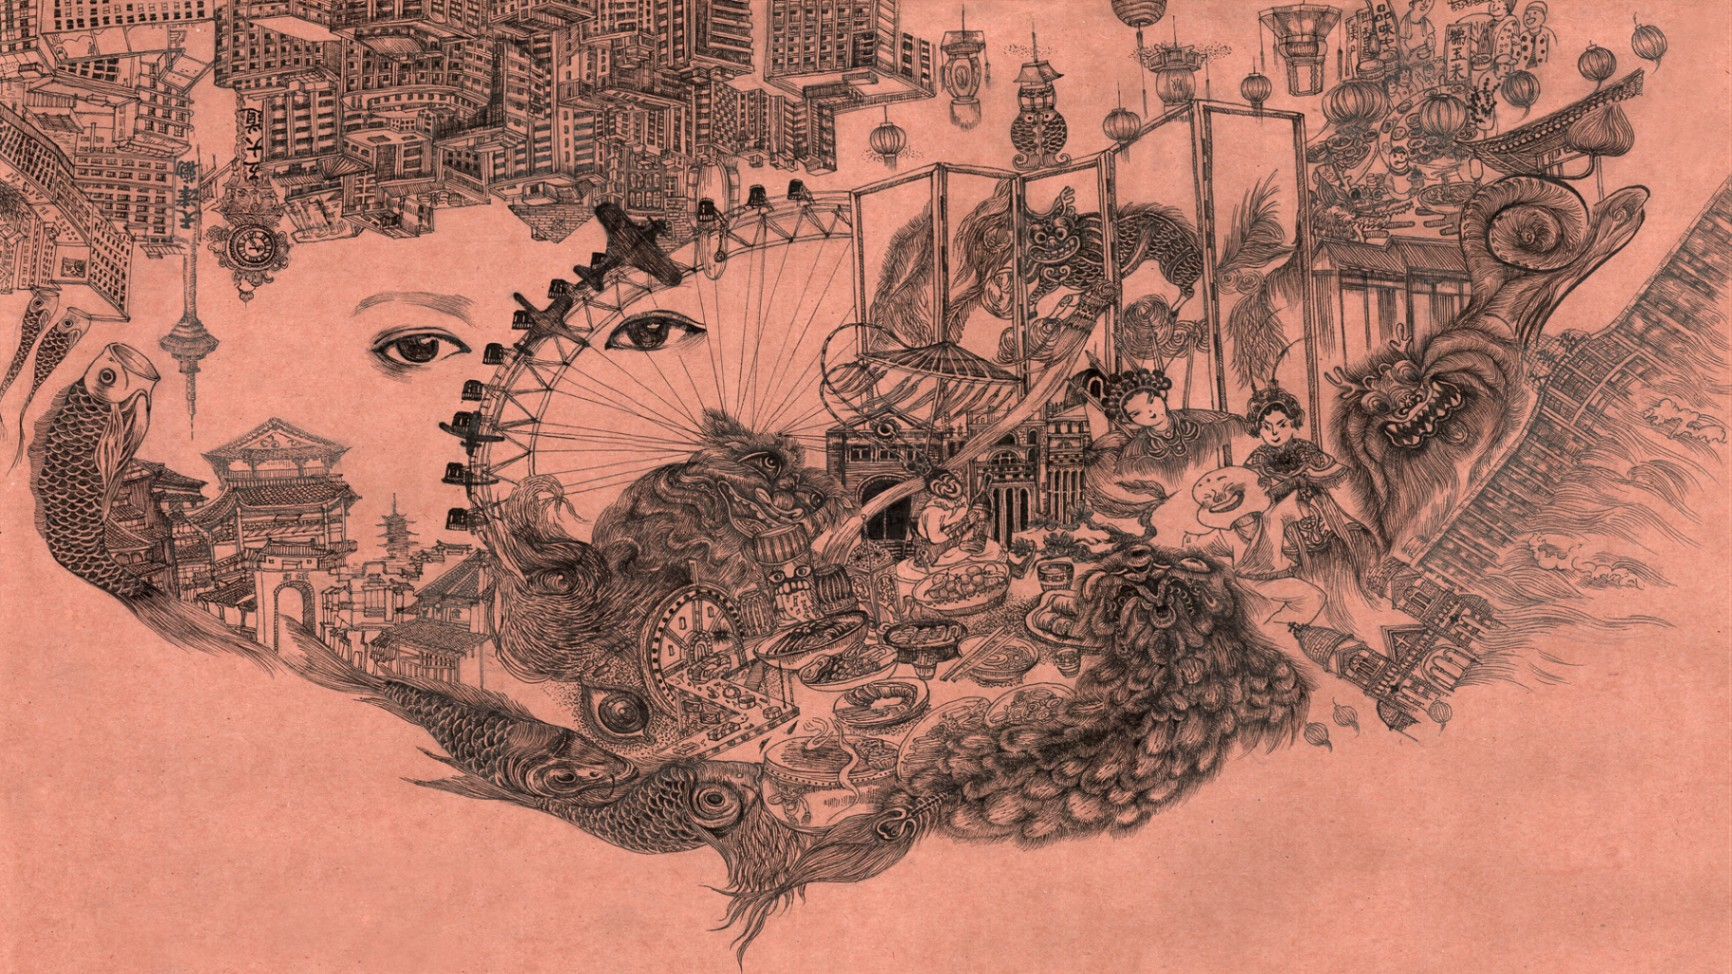 Zhang Mengwei & Li Jiaxin